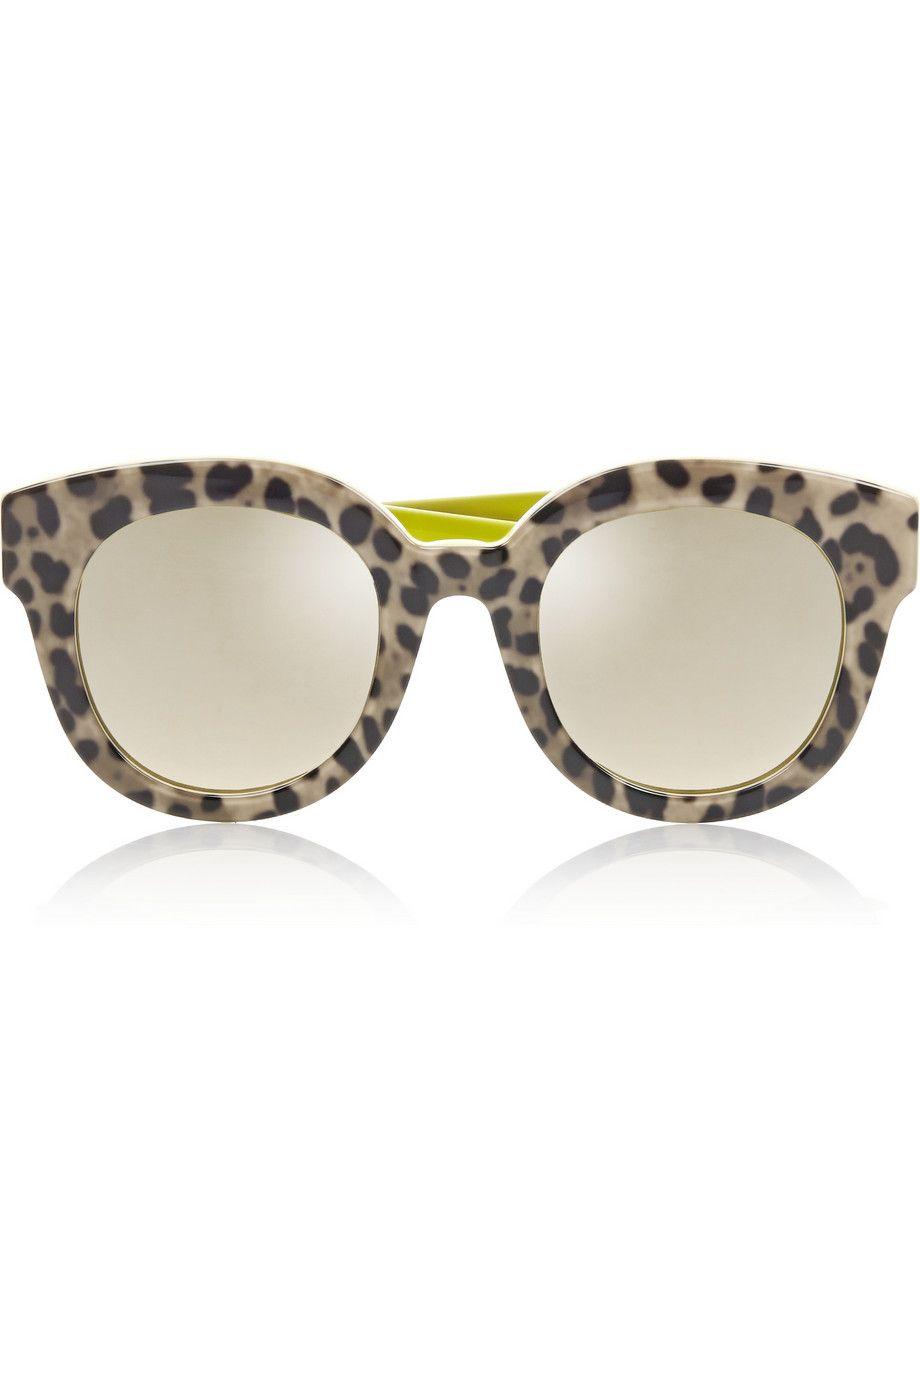 dc1e88ca494e Dolce & Gabbana | Leopard-print cat eye acetate mirrored sunglasses |  NET-A-PORTER.COM